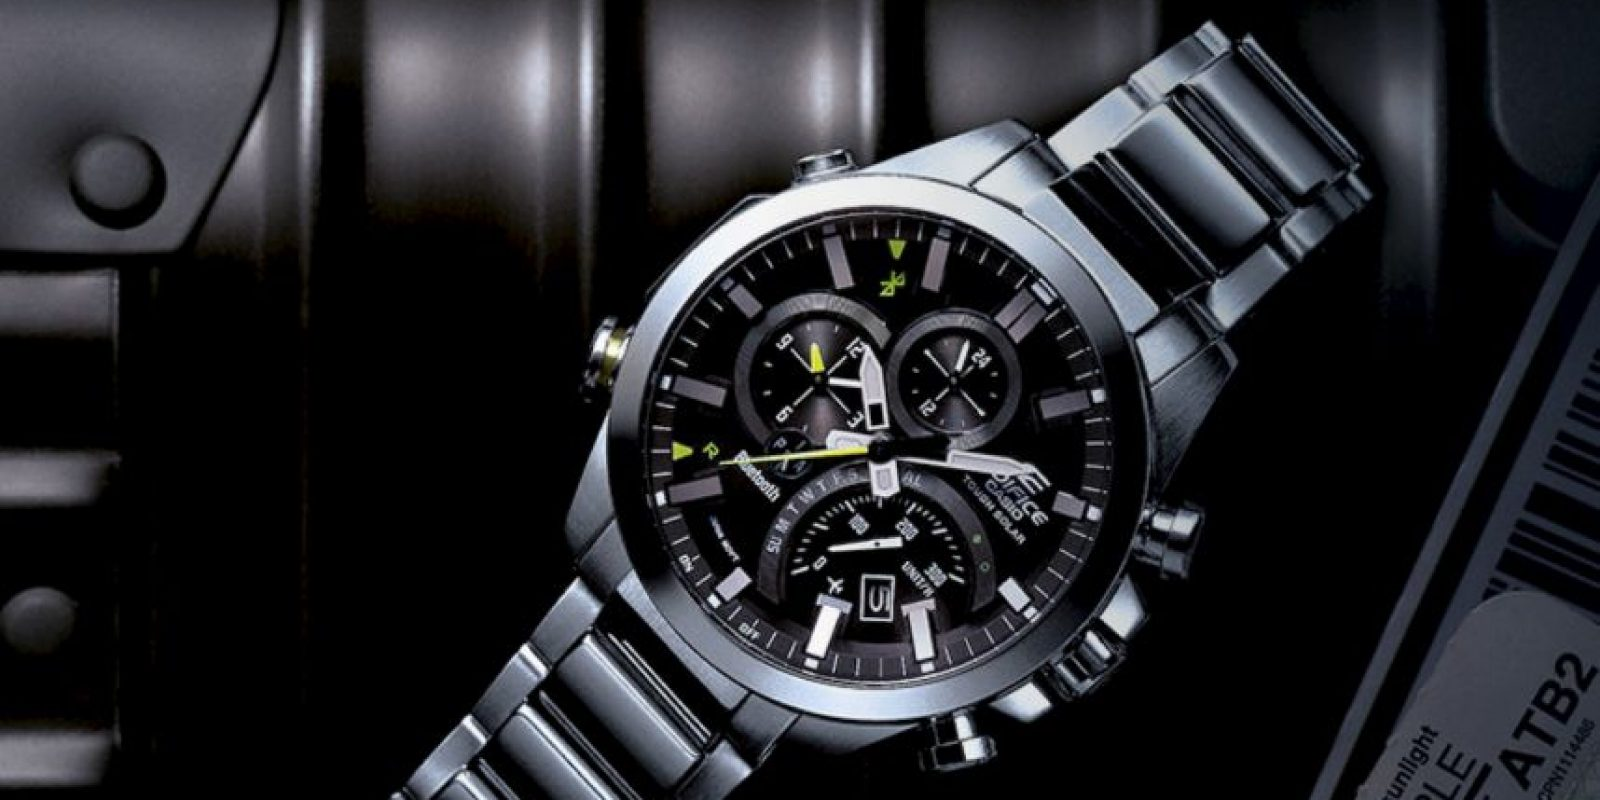 Este es el reloj inteligente de Casio. Esta empresa domina el mercado asiático de relojes. Foto:edifice-watches.com